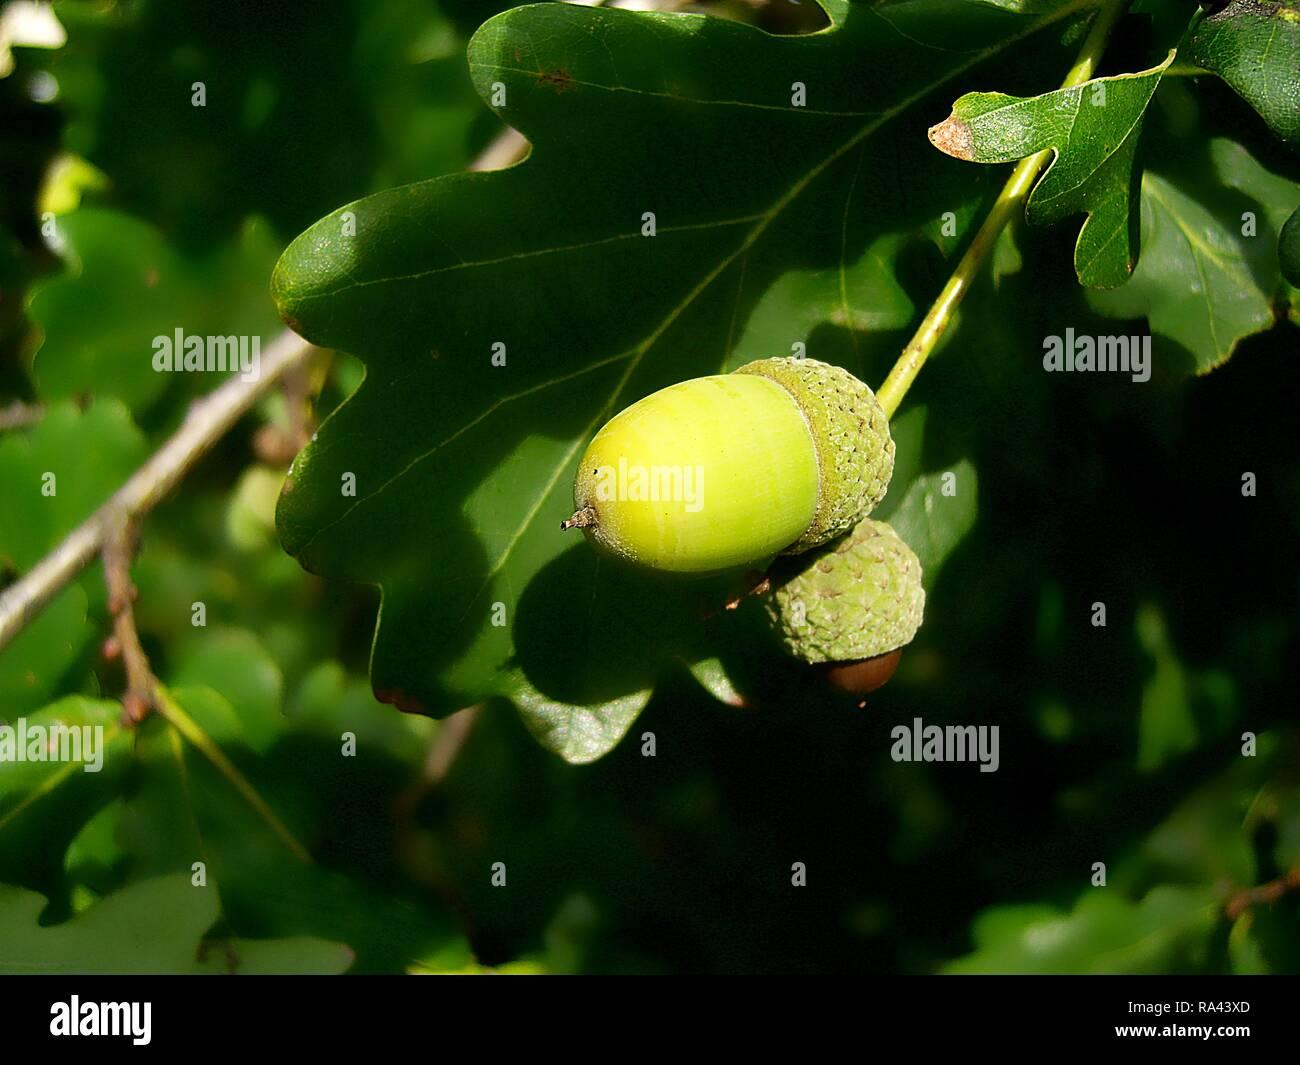 Acorn on an oak tree in summer - Stock Image